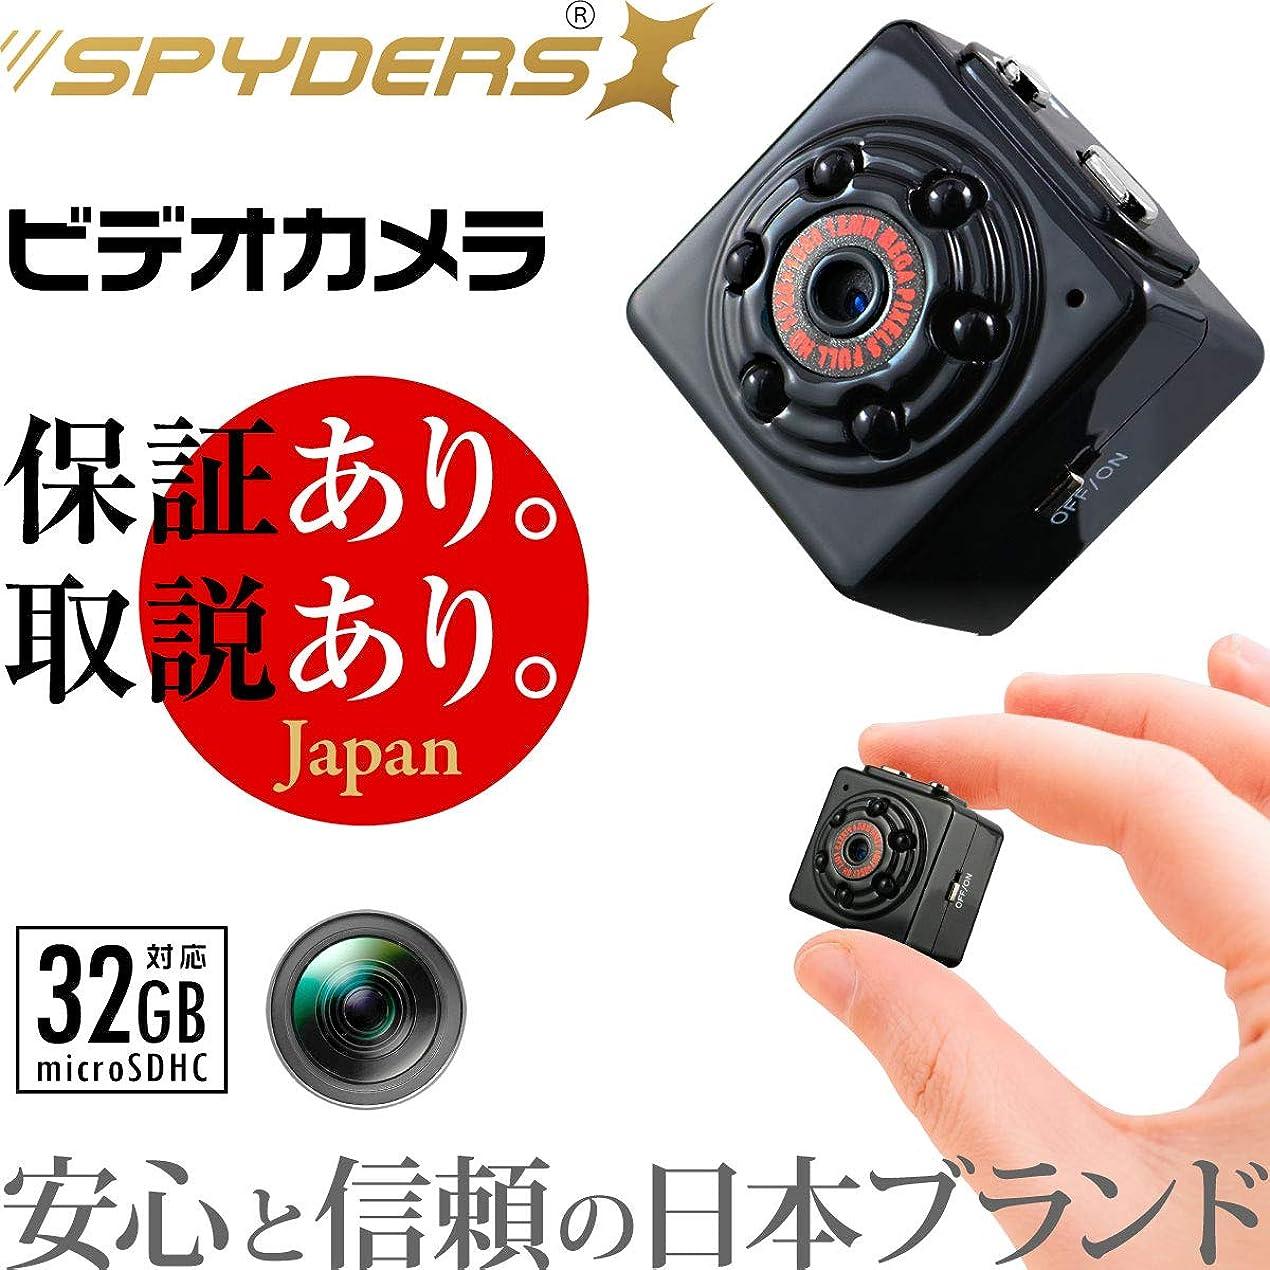 永遠の感性フェミニンスパイダーズX トイカメラ トイデジ 小型カメラ スパイカメラ (A-375)